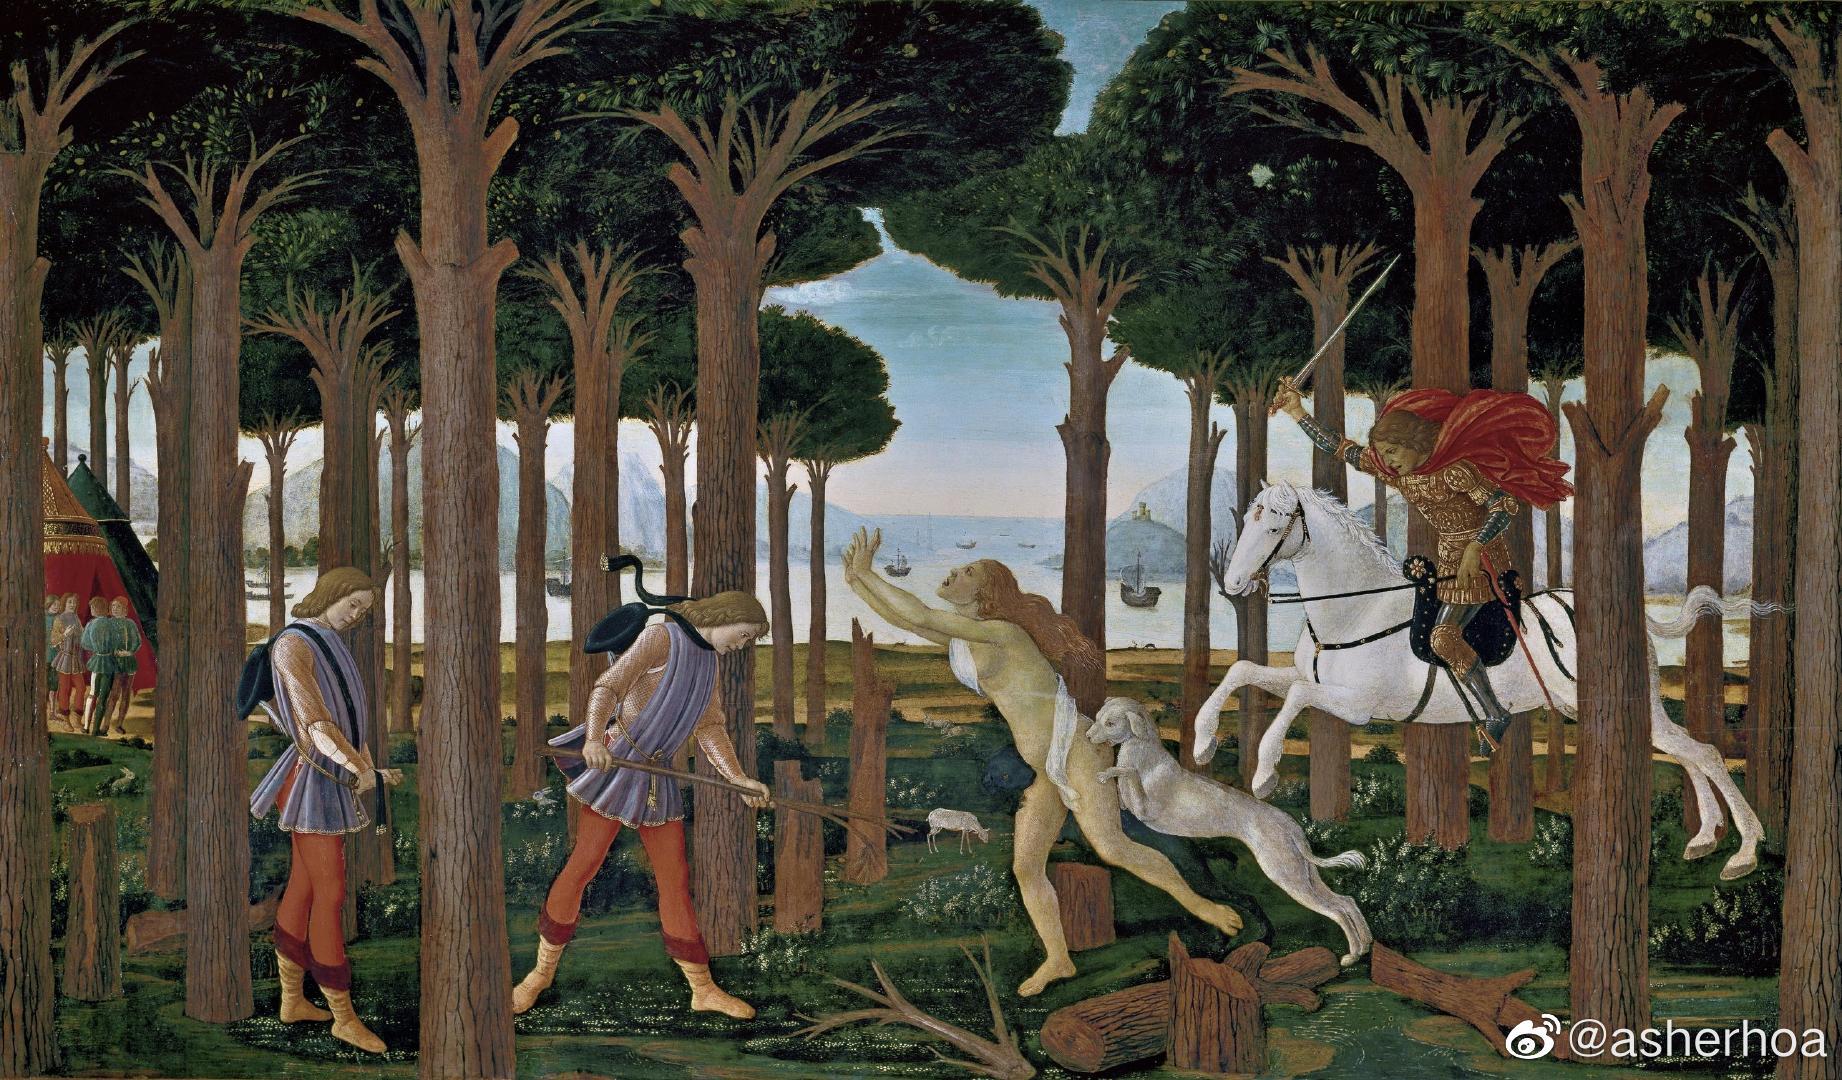 文艺复兴时期意大利佛罗伦萨著名画家桑德罗·波提切利(Sandro Bottic